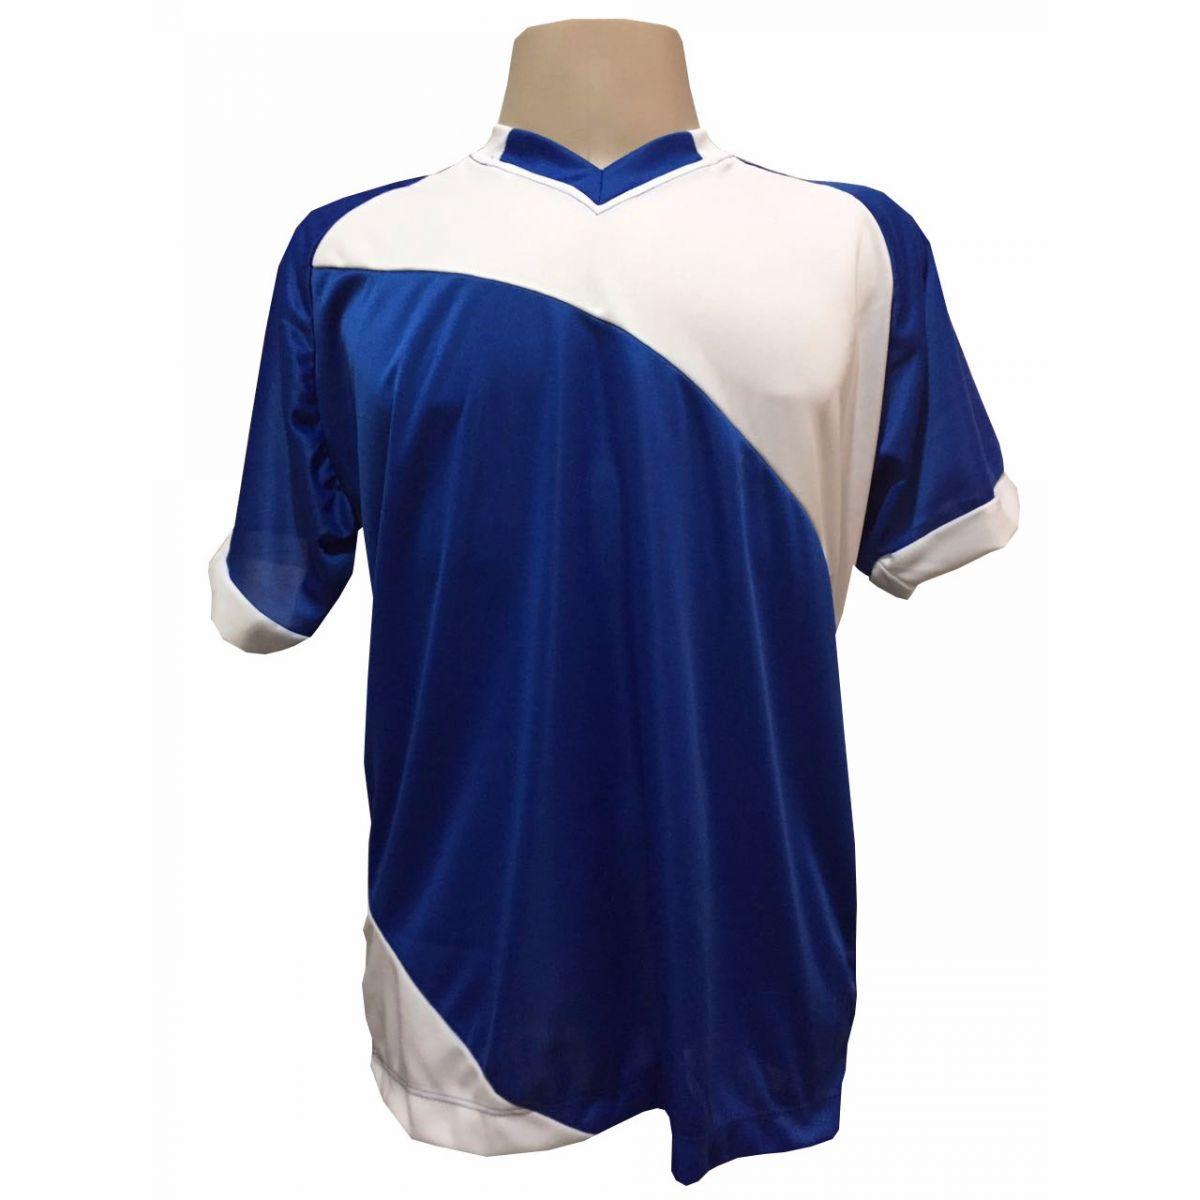 Uniforme Esportivo com 20 camisas modelo Bélgica Royal/Branco + 20 calções modelo Copa Royal/Branco + Brindes